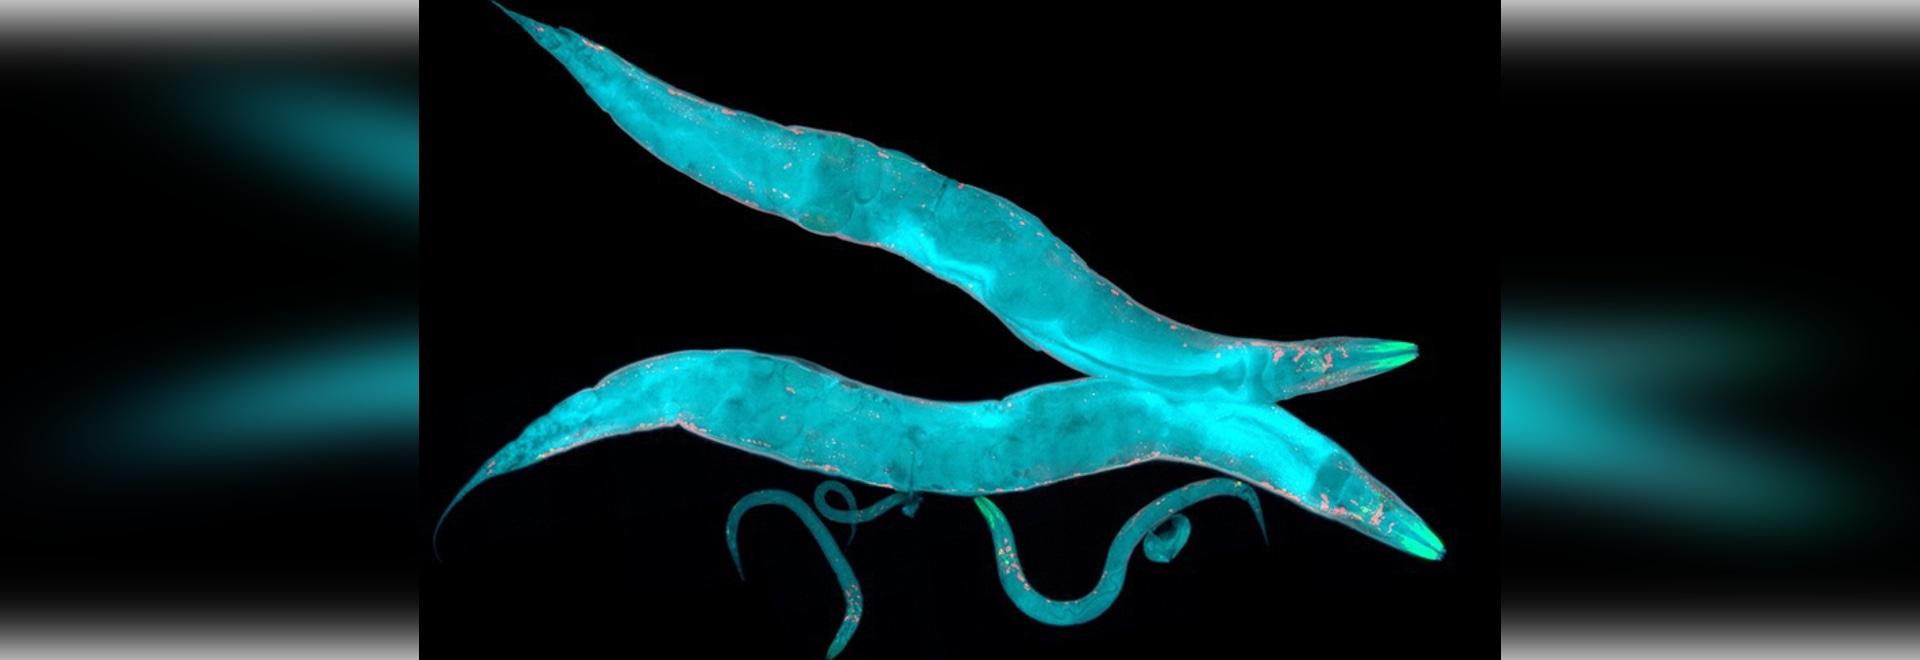 Kleine Gehirne, großes Bild: Enthüllungsmicroscopic Geheimnisse c.elegans'